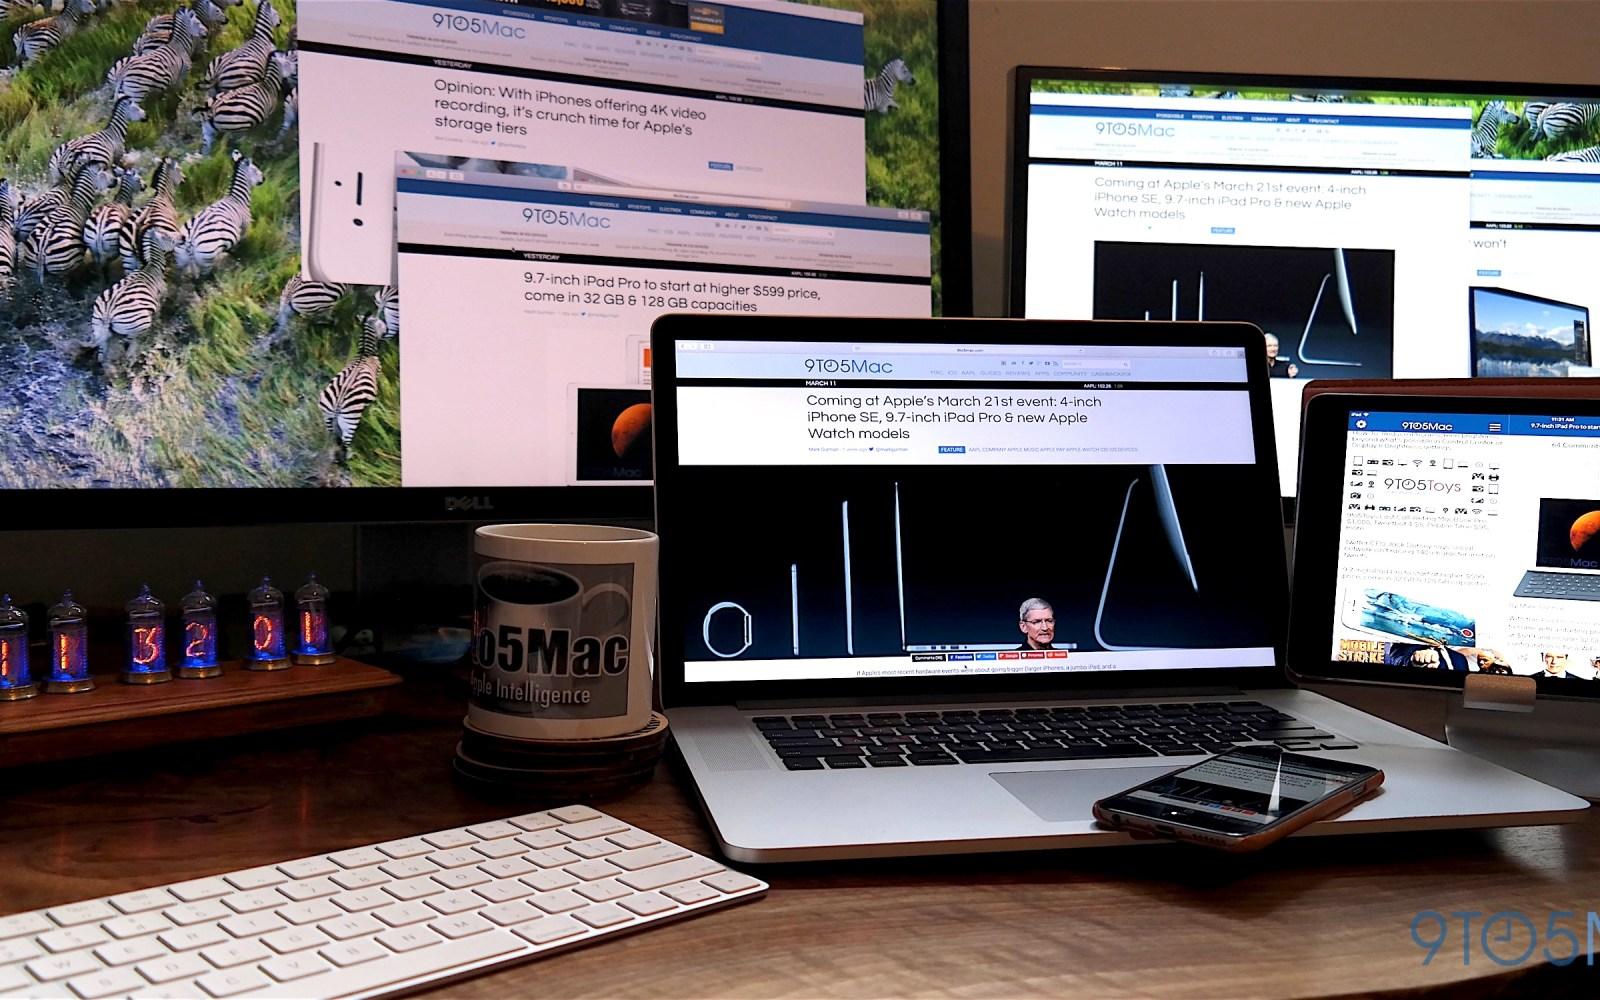 This week's top stories: WWDC, iPhone rumors, 12-inch MacBook updates, Apple Car & more